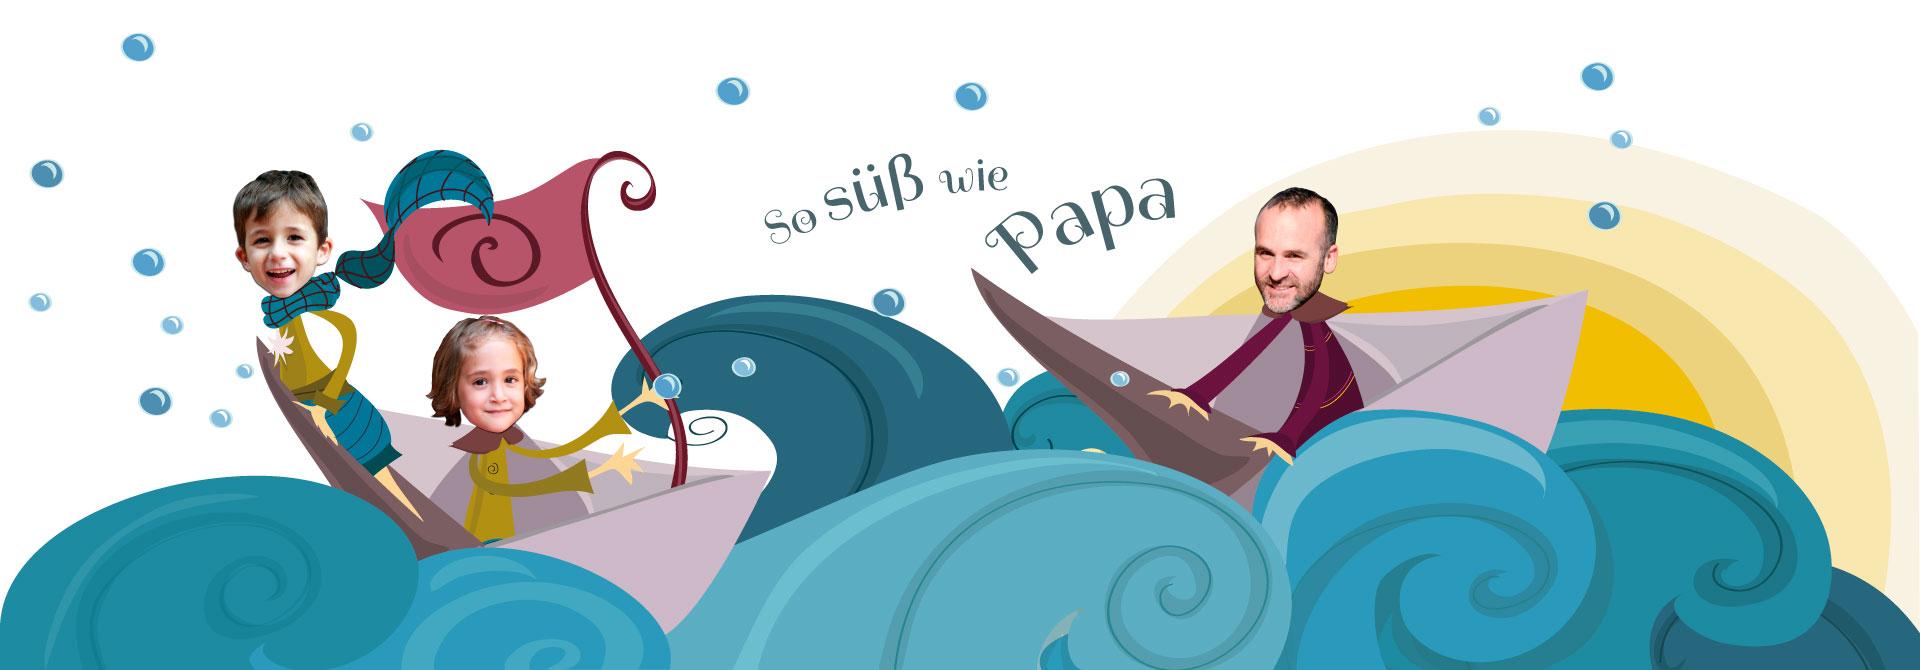 Originelles Geschenk zum Vatertag | Ich habe ein Foto für Papa - Produkt- Kopfzeile